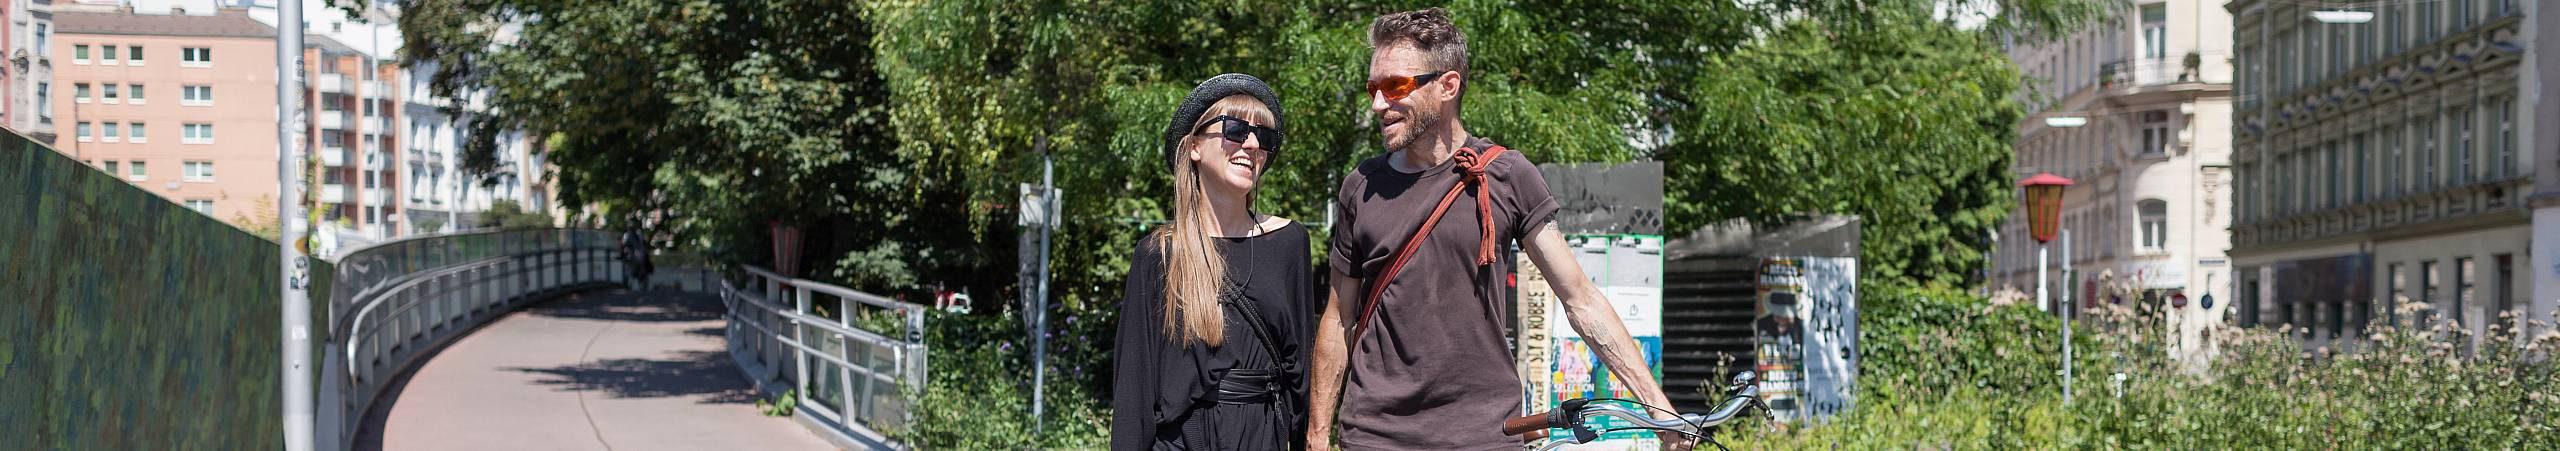 EIn junges Paar mit Fahrrad geht am Wientalradweg spazieren. Foto von Stephan Doleschal